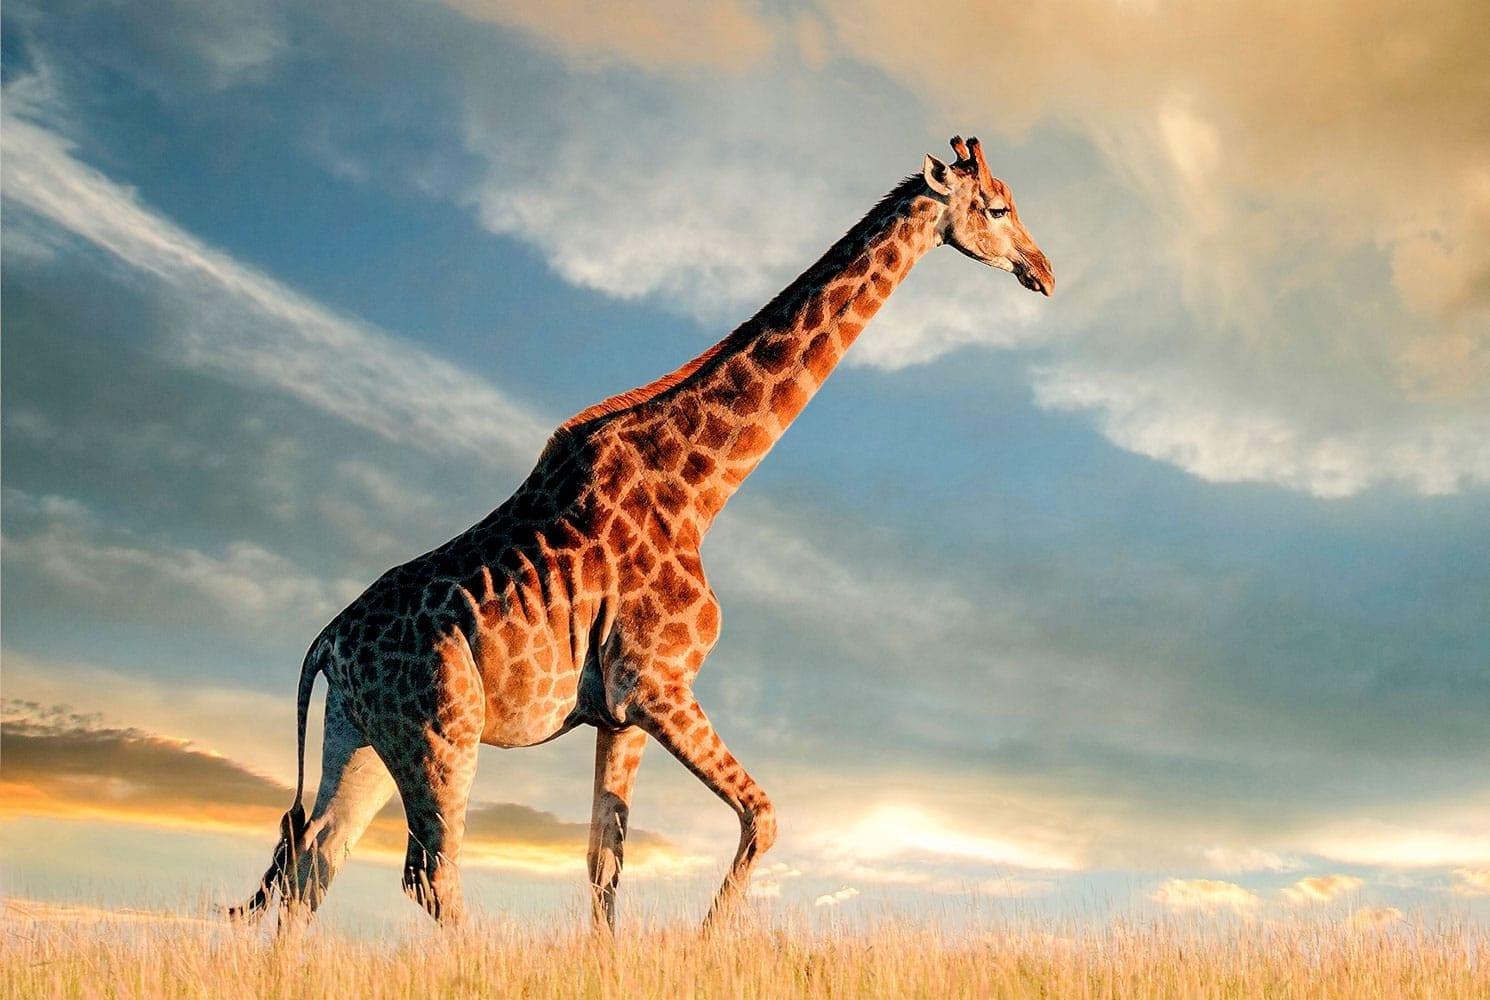 A giraffe in the grass during sunset